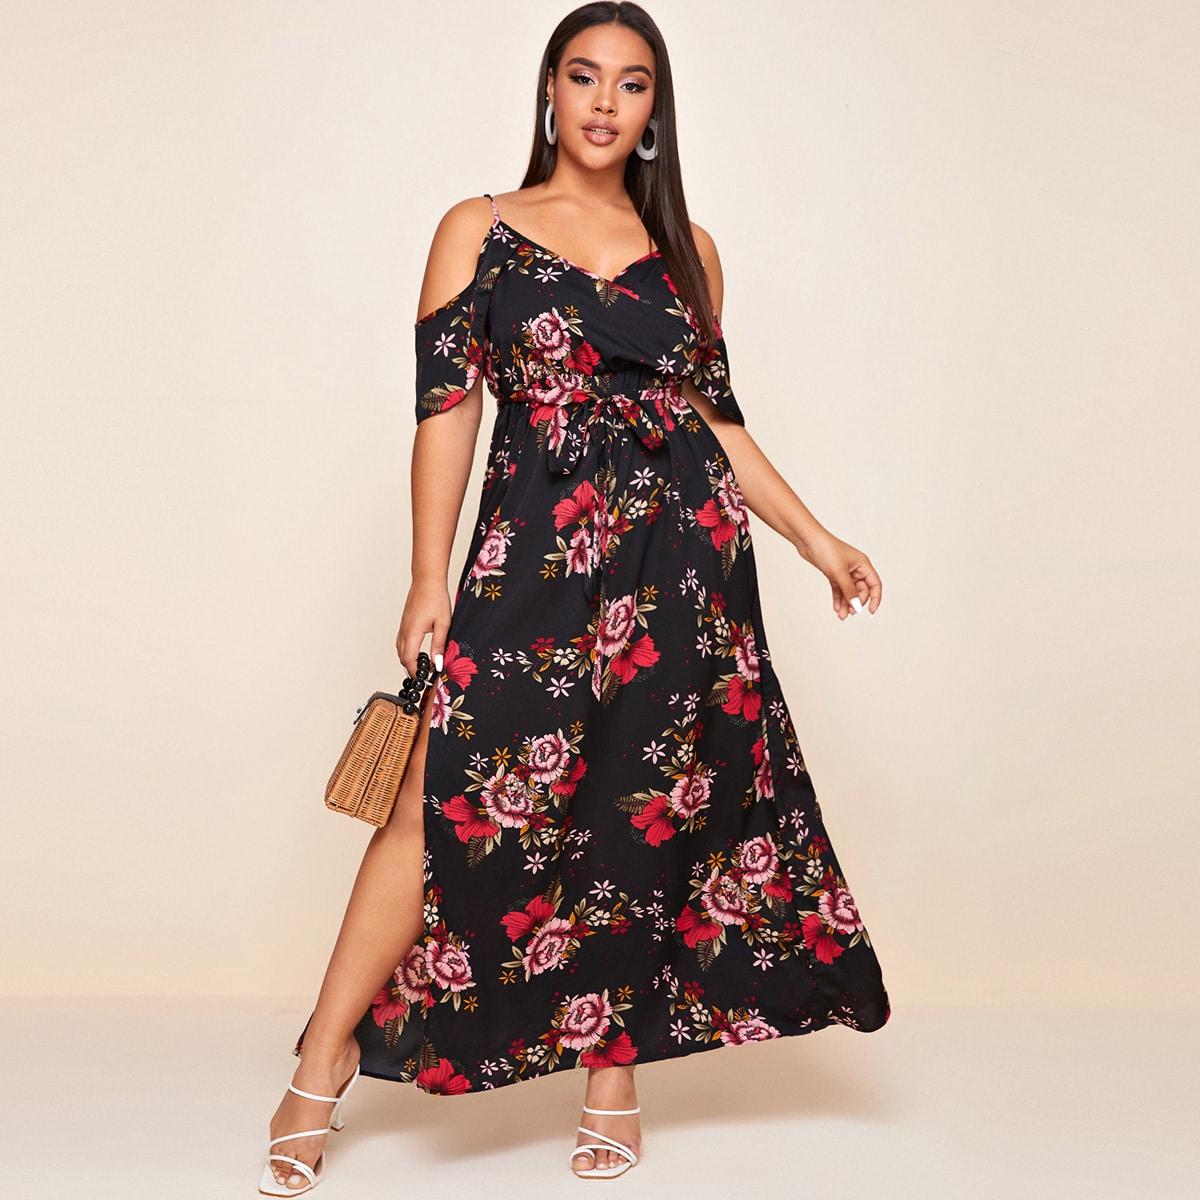 Платье размера плюс с цветочным принтом, разрезом и открытыми плечами